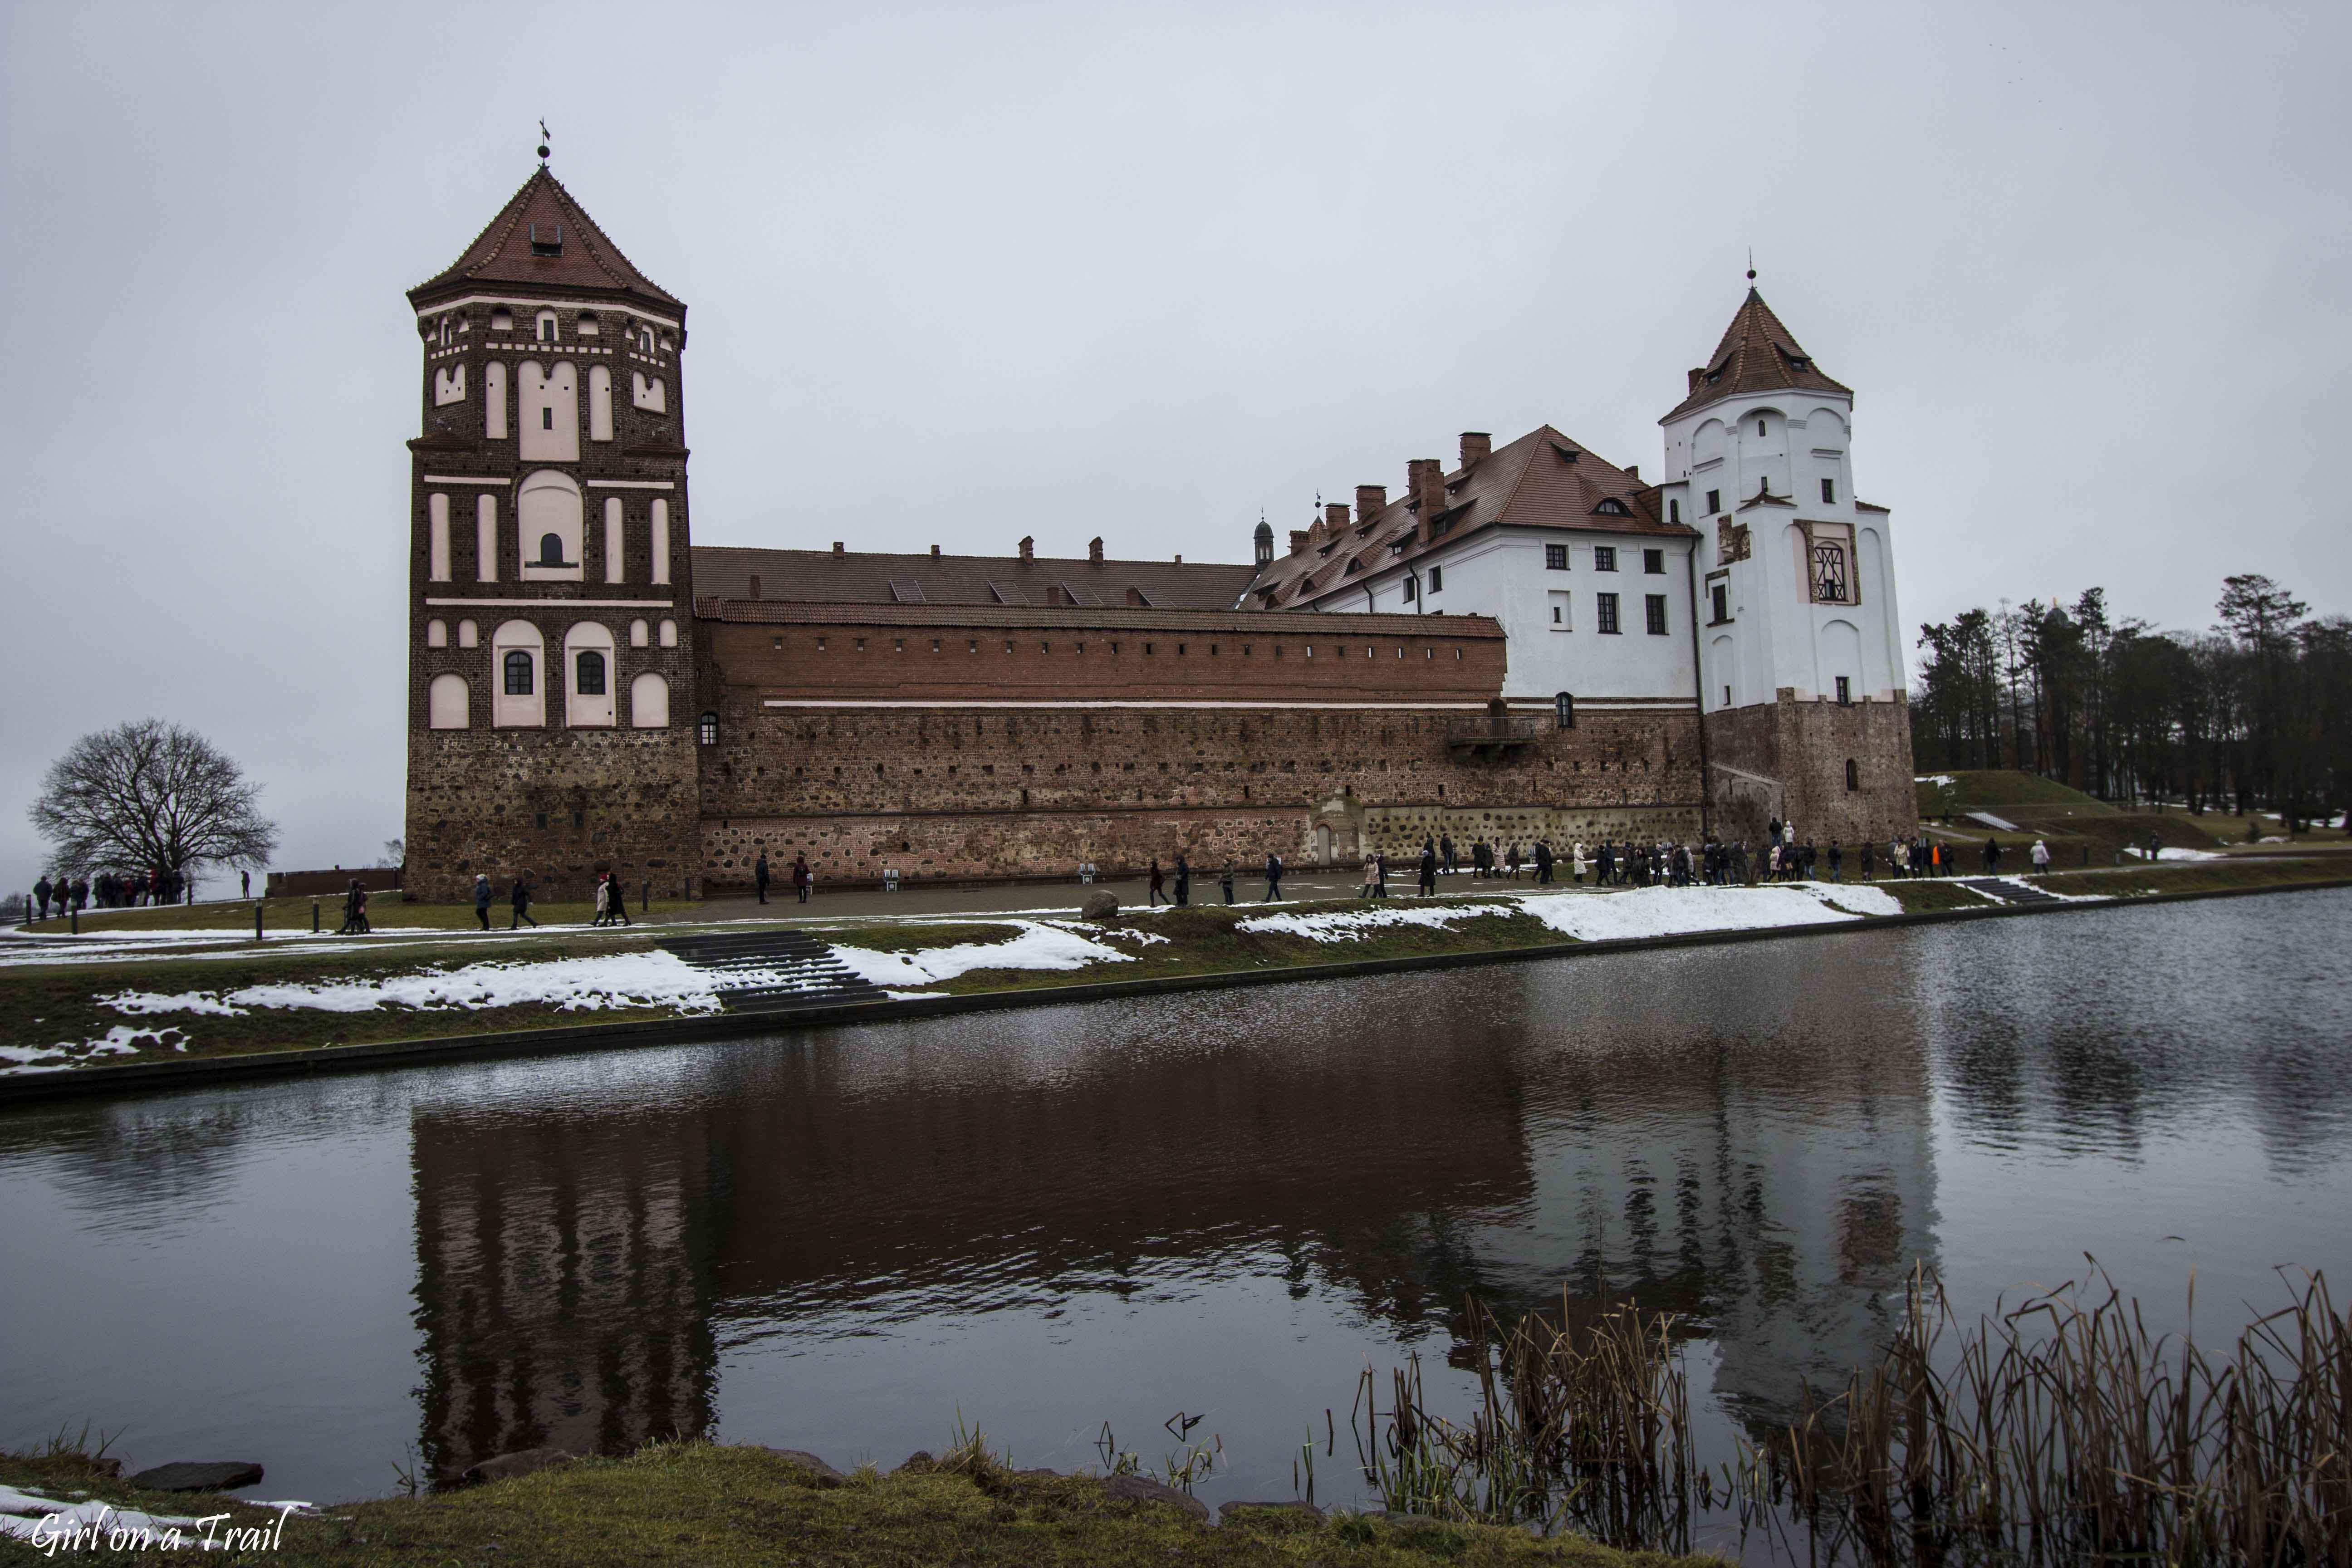 Białoruś - Mir, Zamek